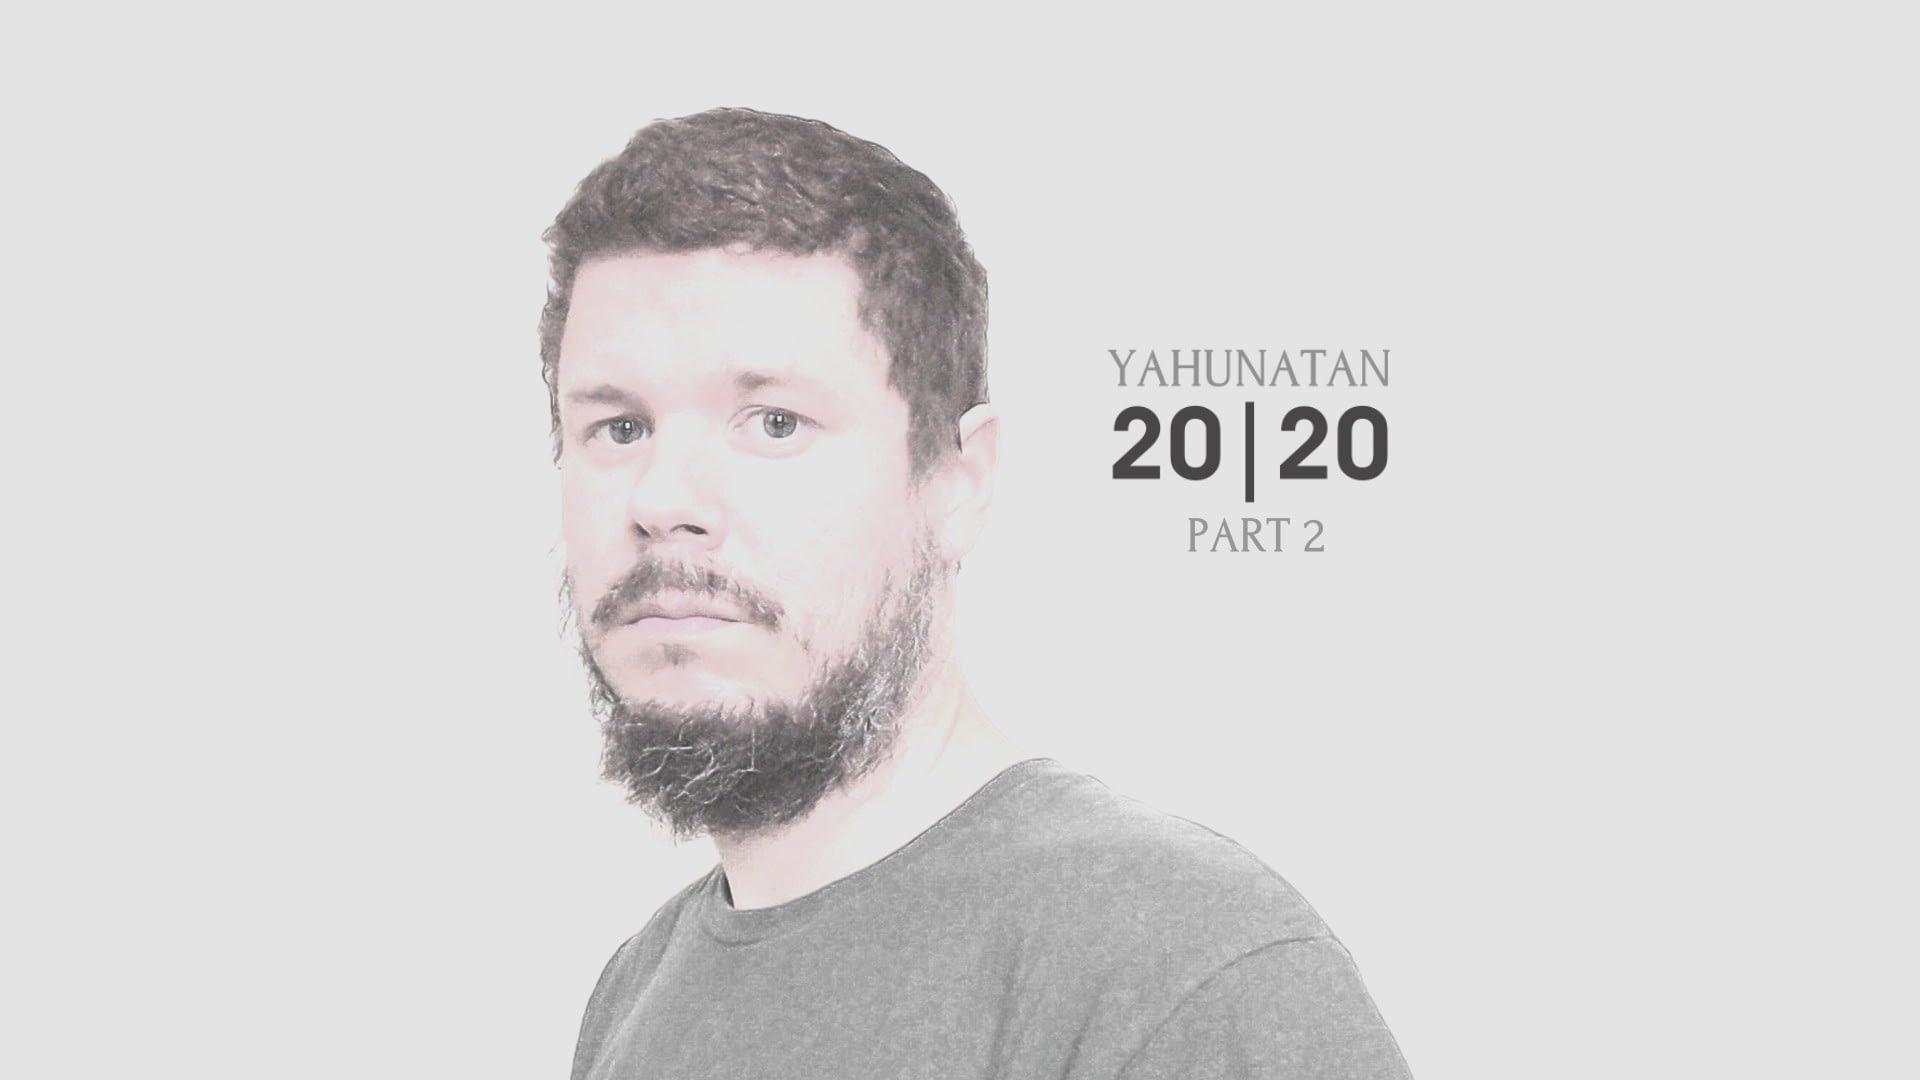 20/20 - Part 2 (2020)